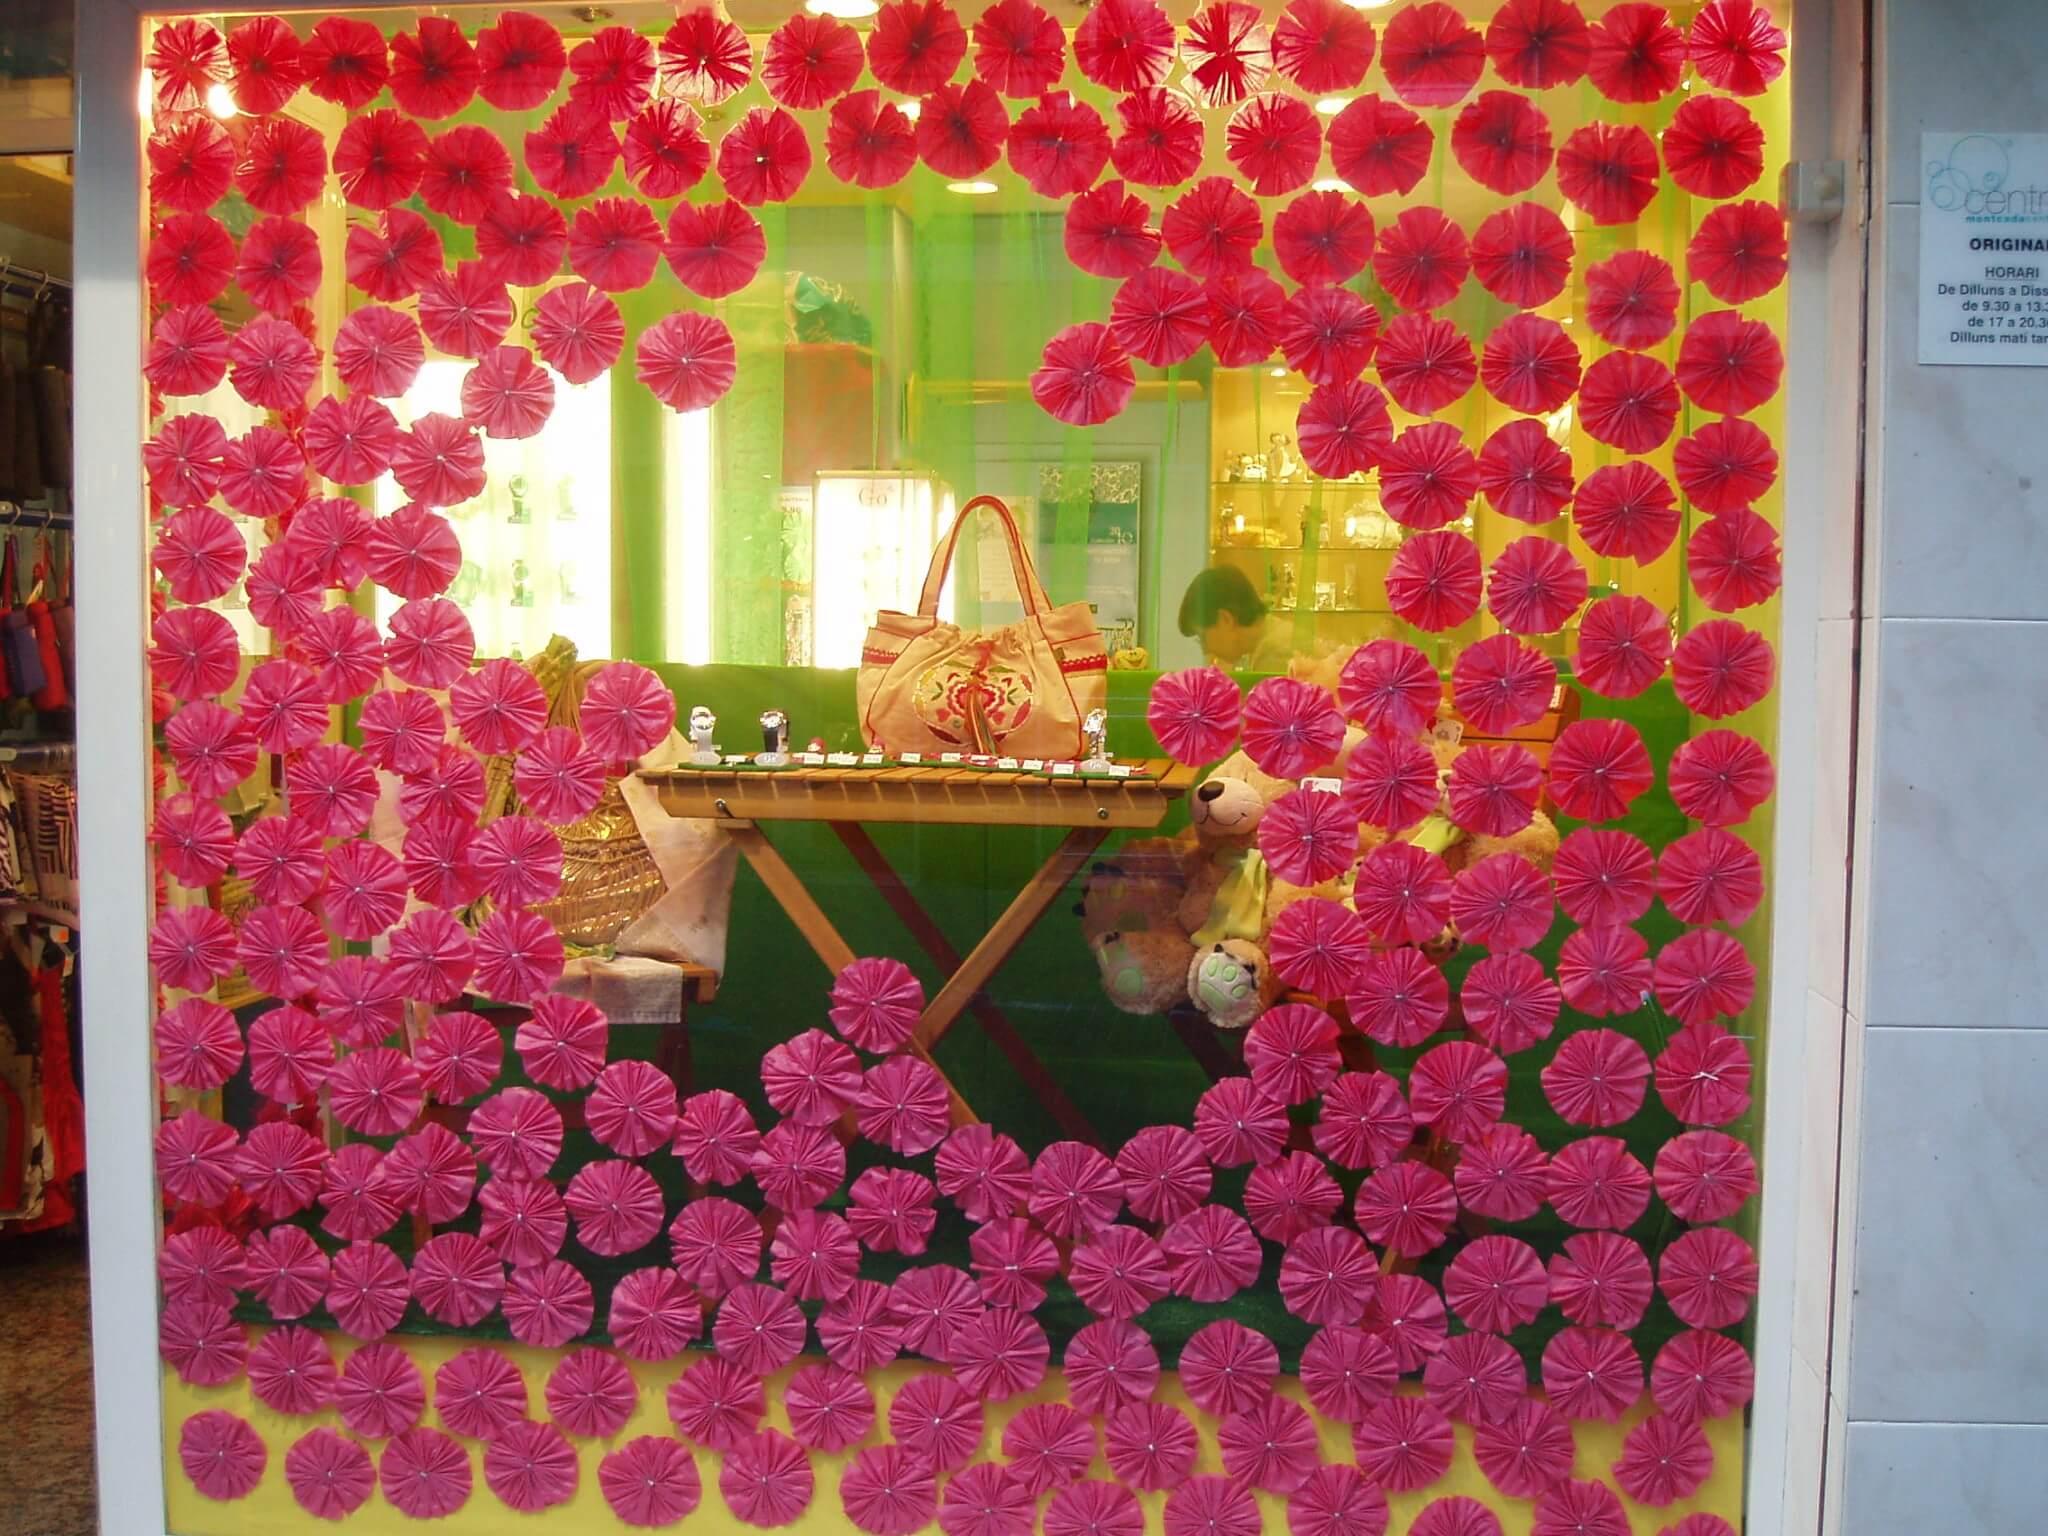 En la tienda de la esquina rosado - 1 2